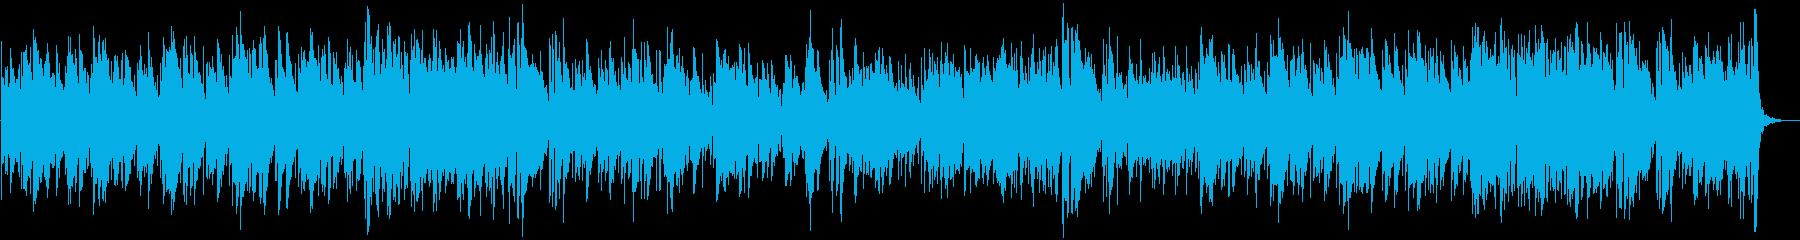 ジャズコンボ。活気のある、シンコペ...の再生済みの波形